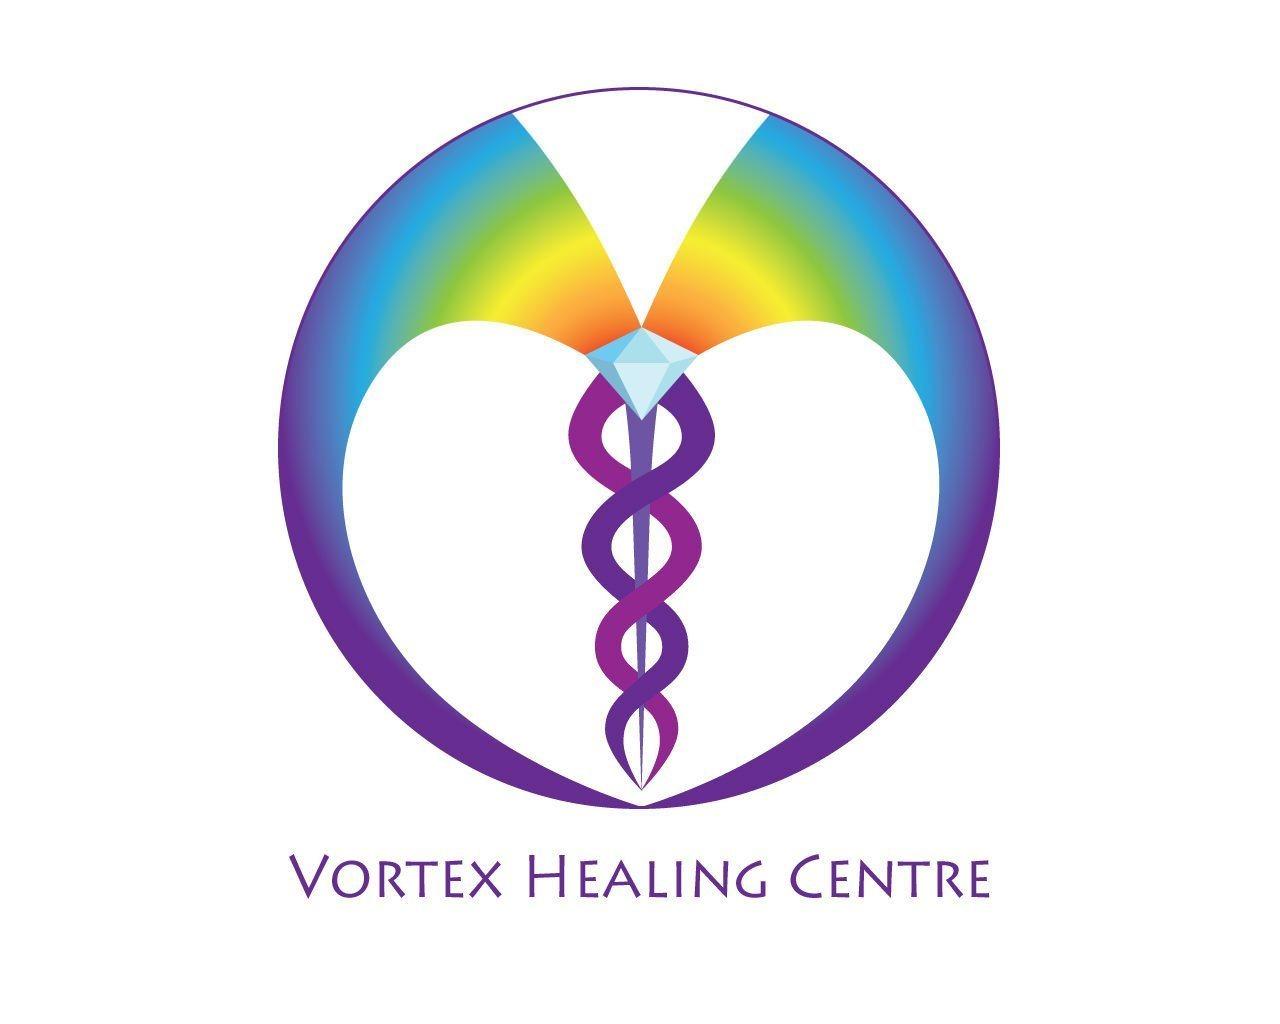 Vortex Healing Centre